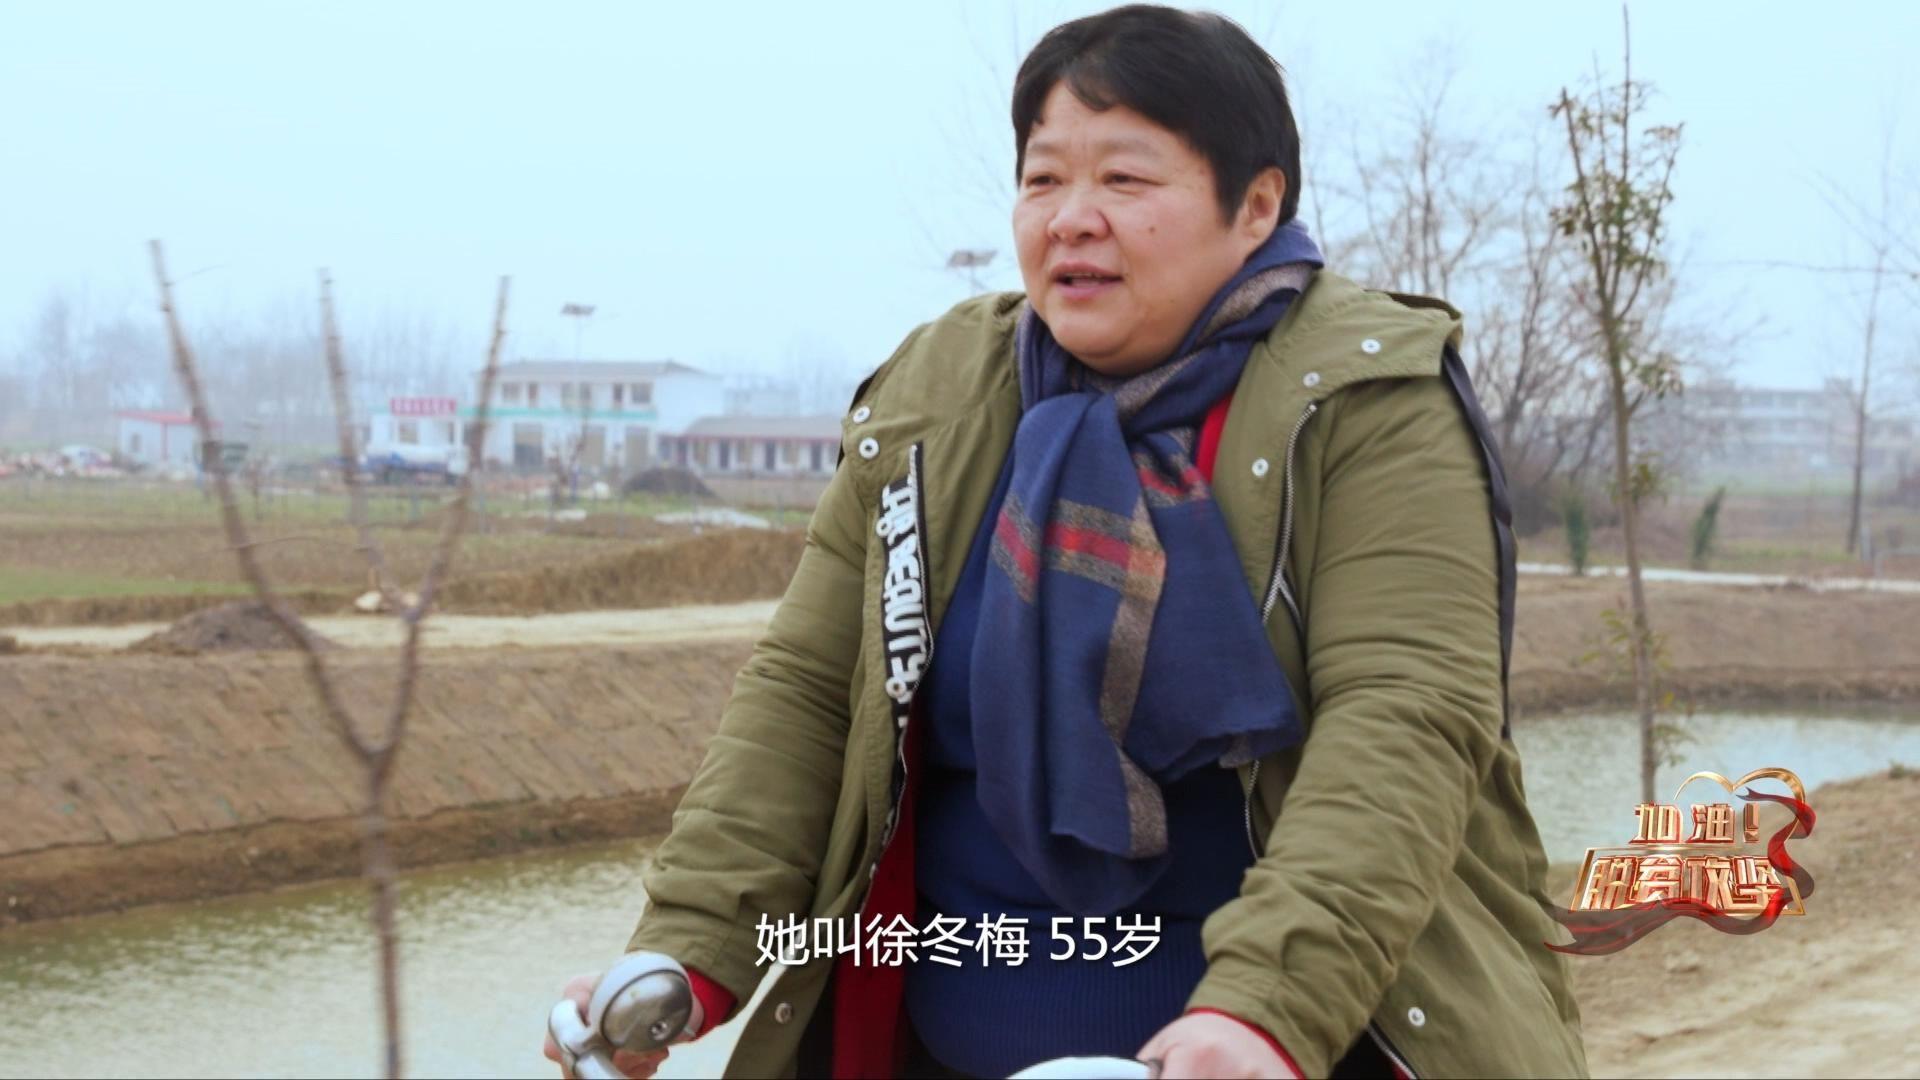 《加油!脫貧攻堅》第五集《永不停歇的扶貧路》:徐冬梅